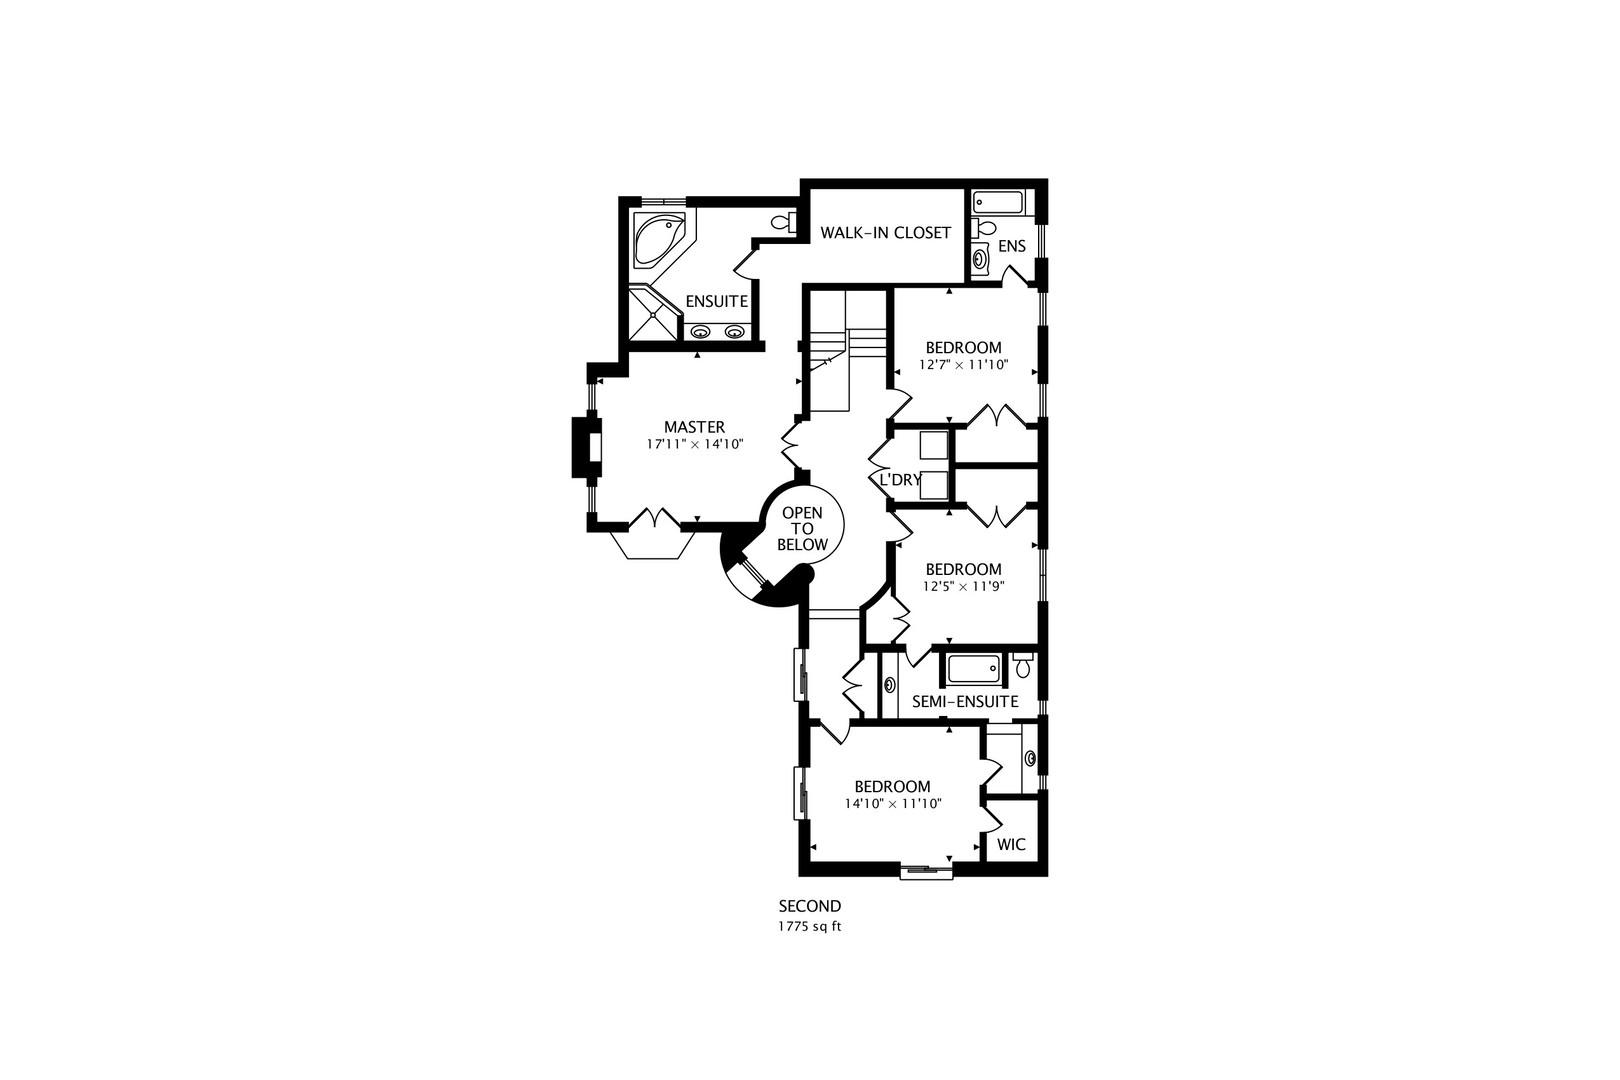 3117 Springdale, Glenview, Illinois, 60025